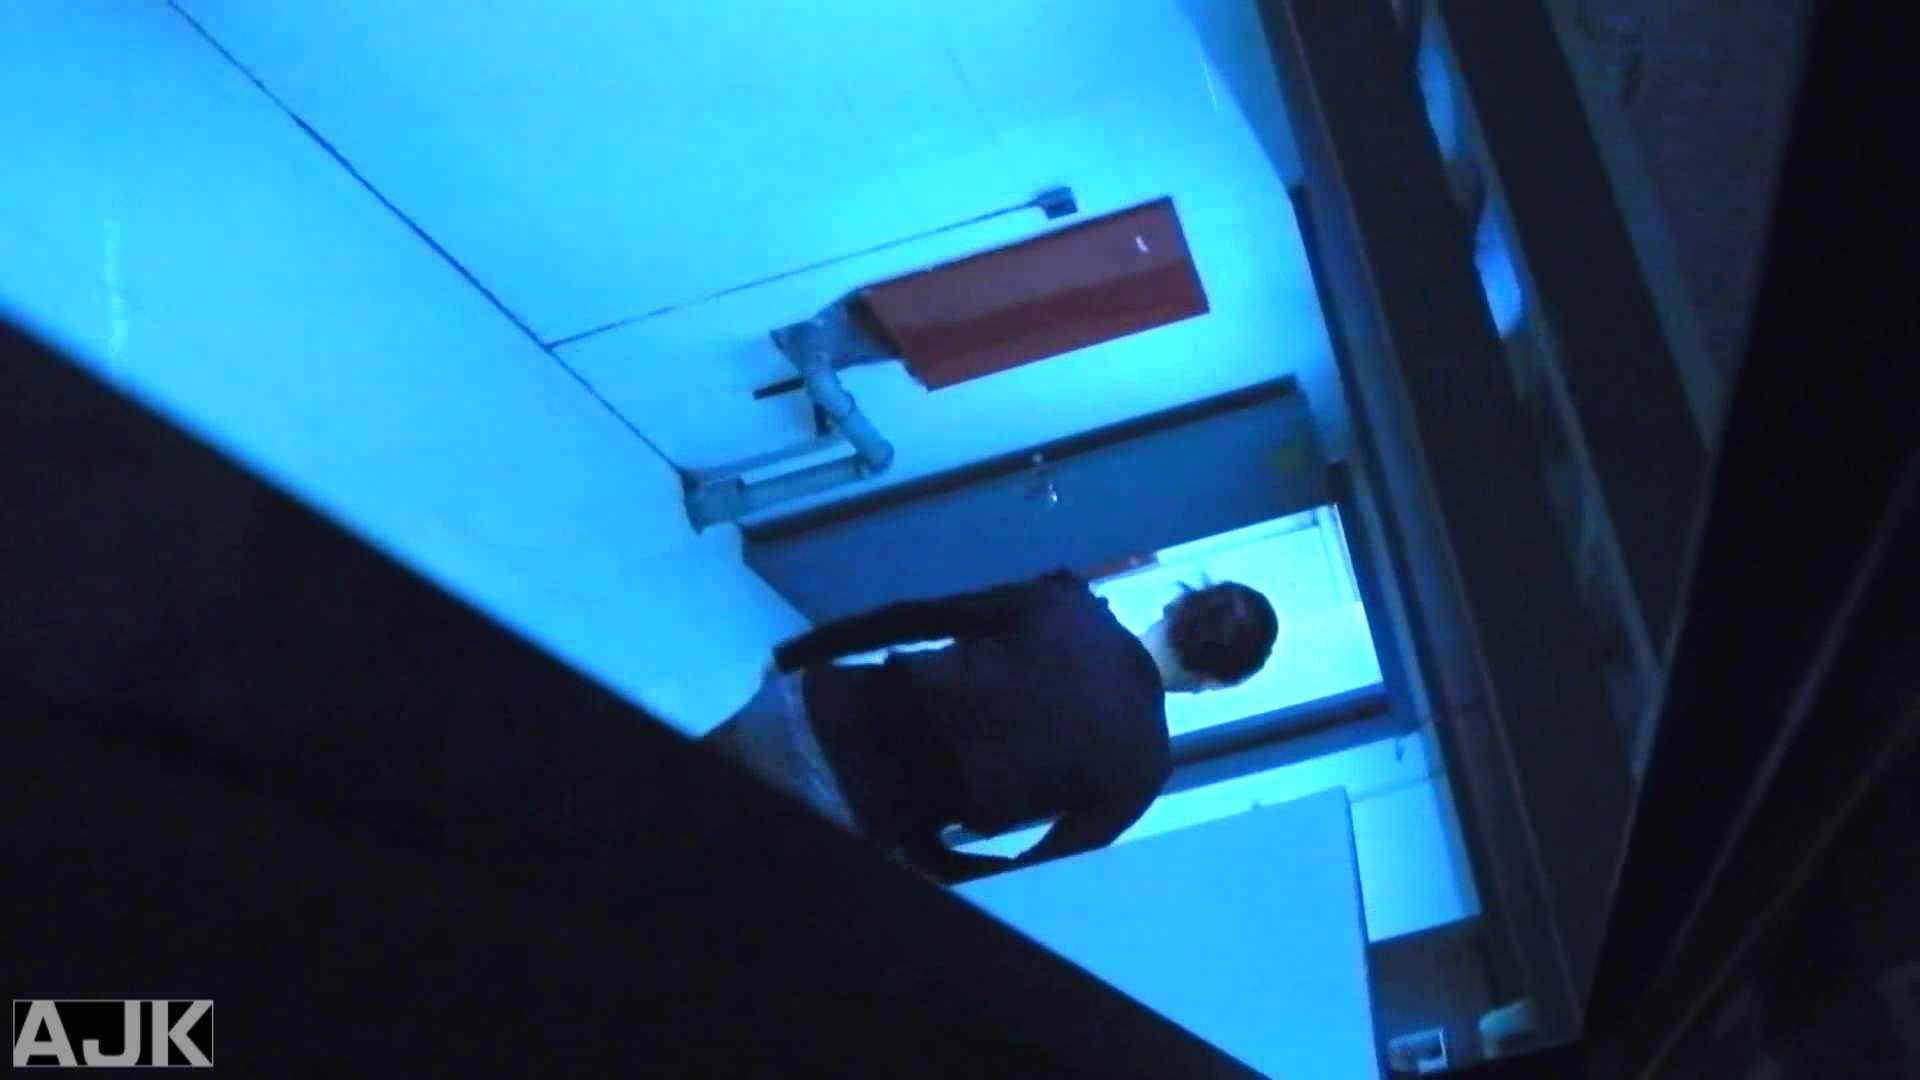 神降臨!史上最強の潜入かわや! vol.21 美女丸裸 ワレメ無修正動画無料 103pic 82